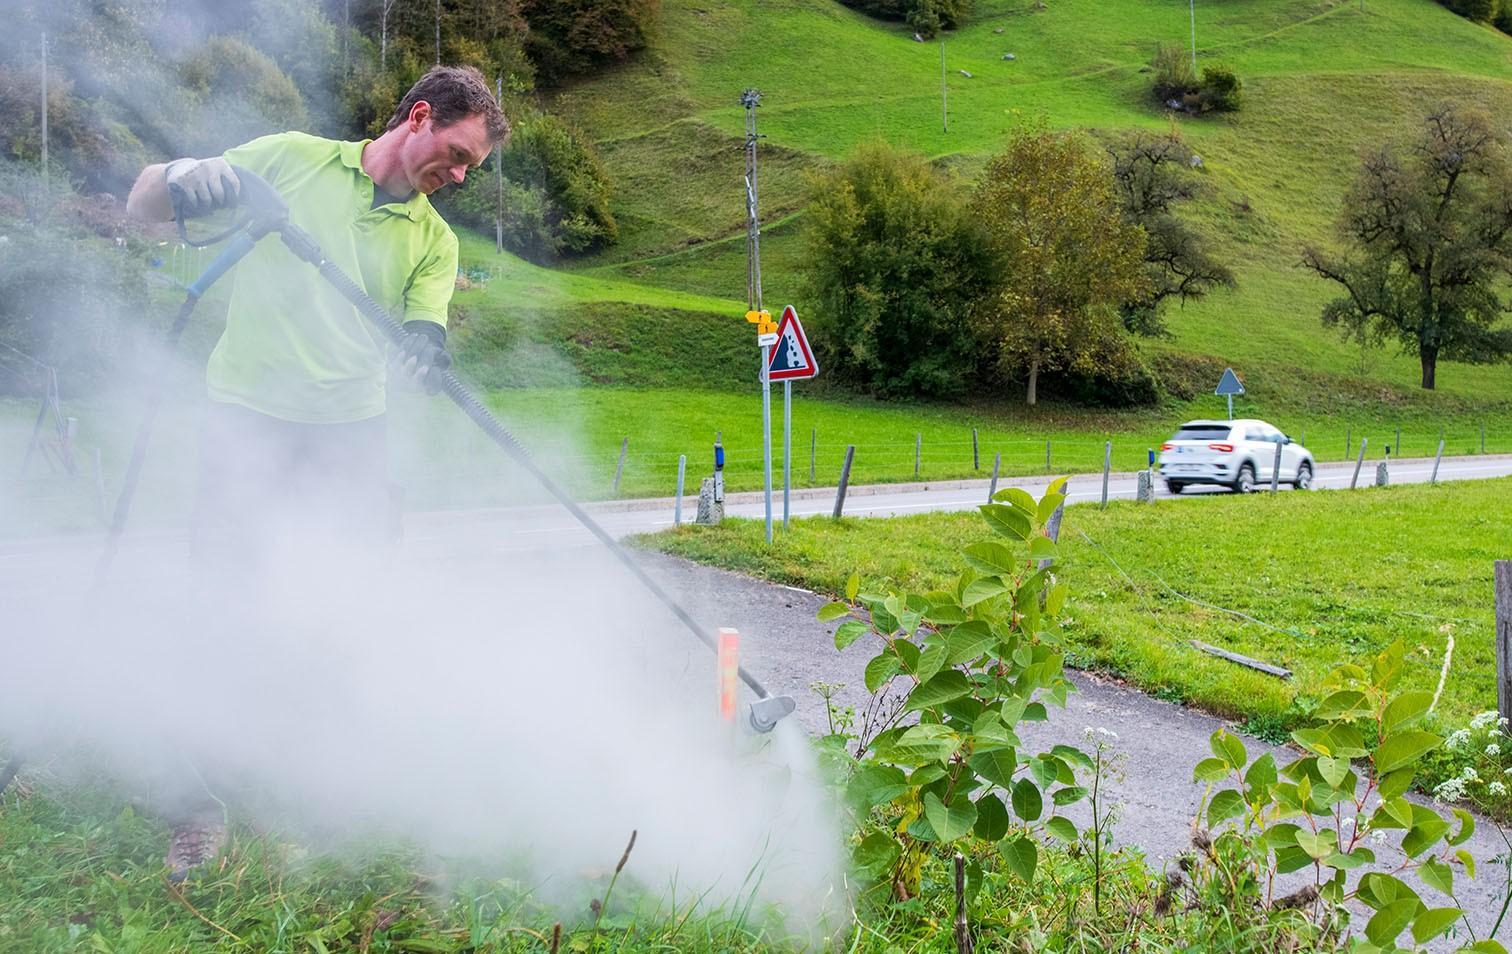 Neophyten-Bekämpfung im Kanton Uri mit heissem Wasser